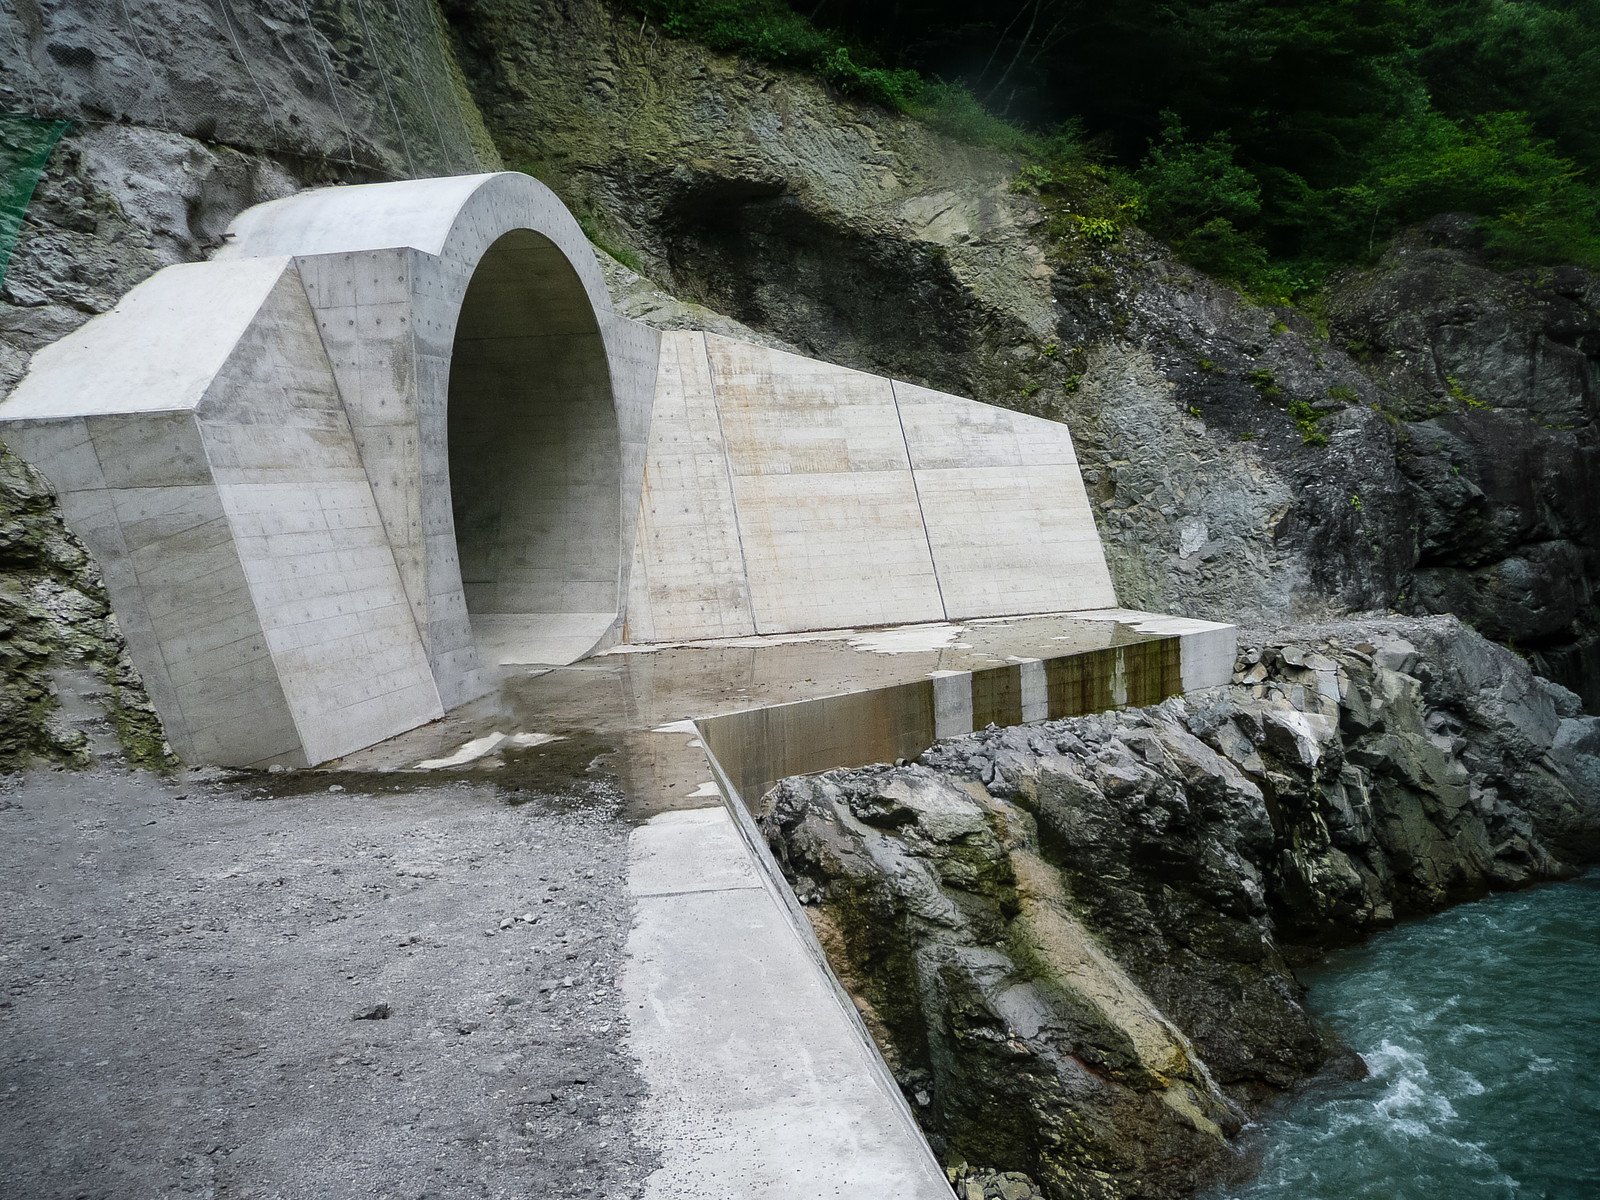 「ダム建設で川の水を迂回させるために作られた仮排水トンネル」の写真